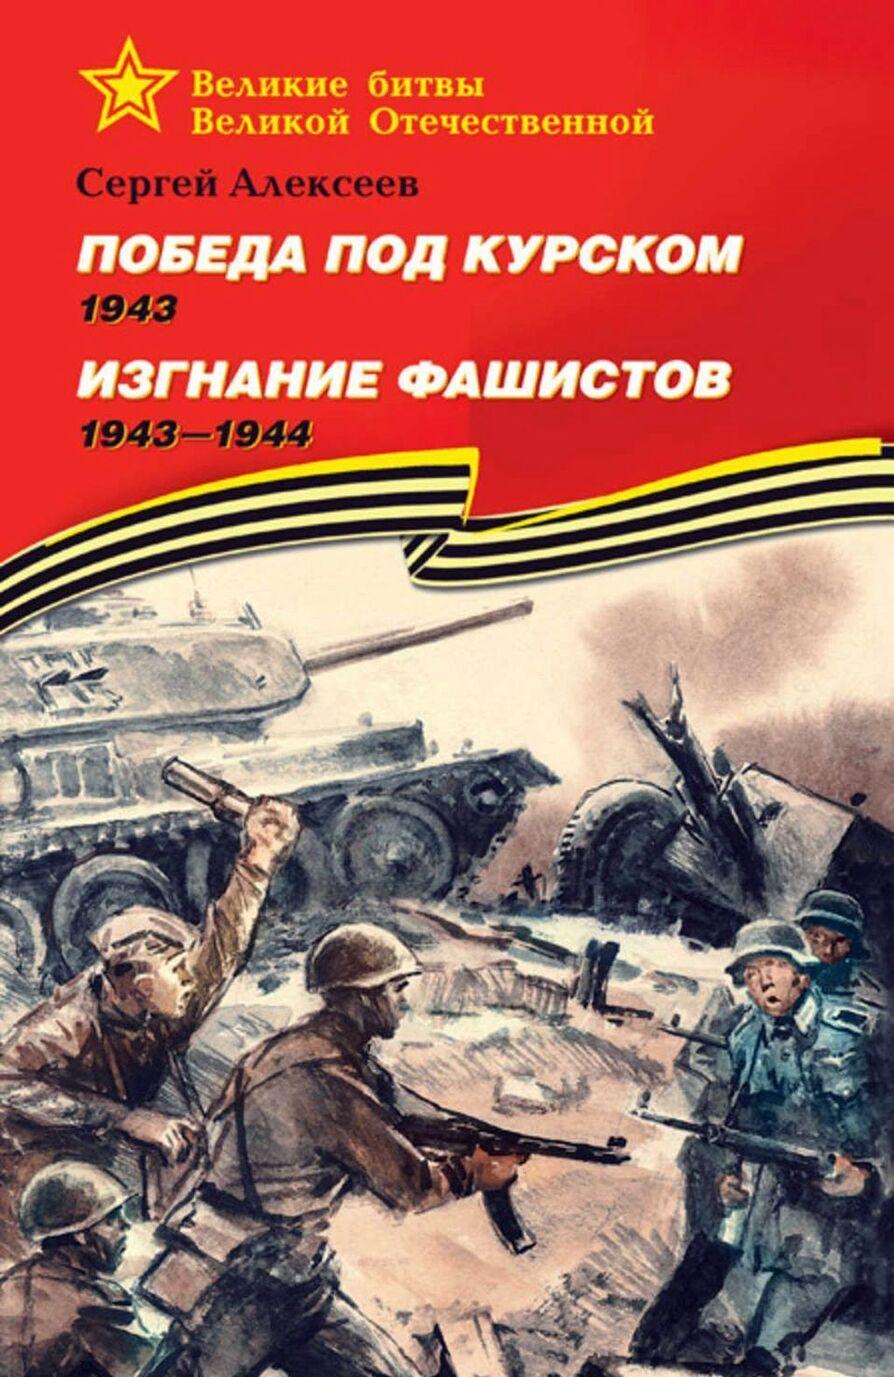 Pobeda pod Kurskom. 1943. Izgnanie fashistov. 1943-1944